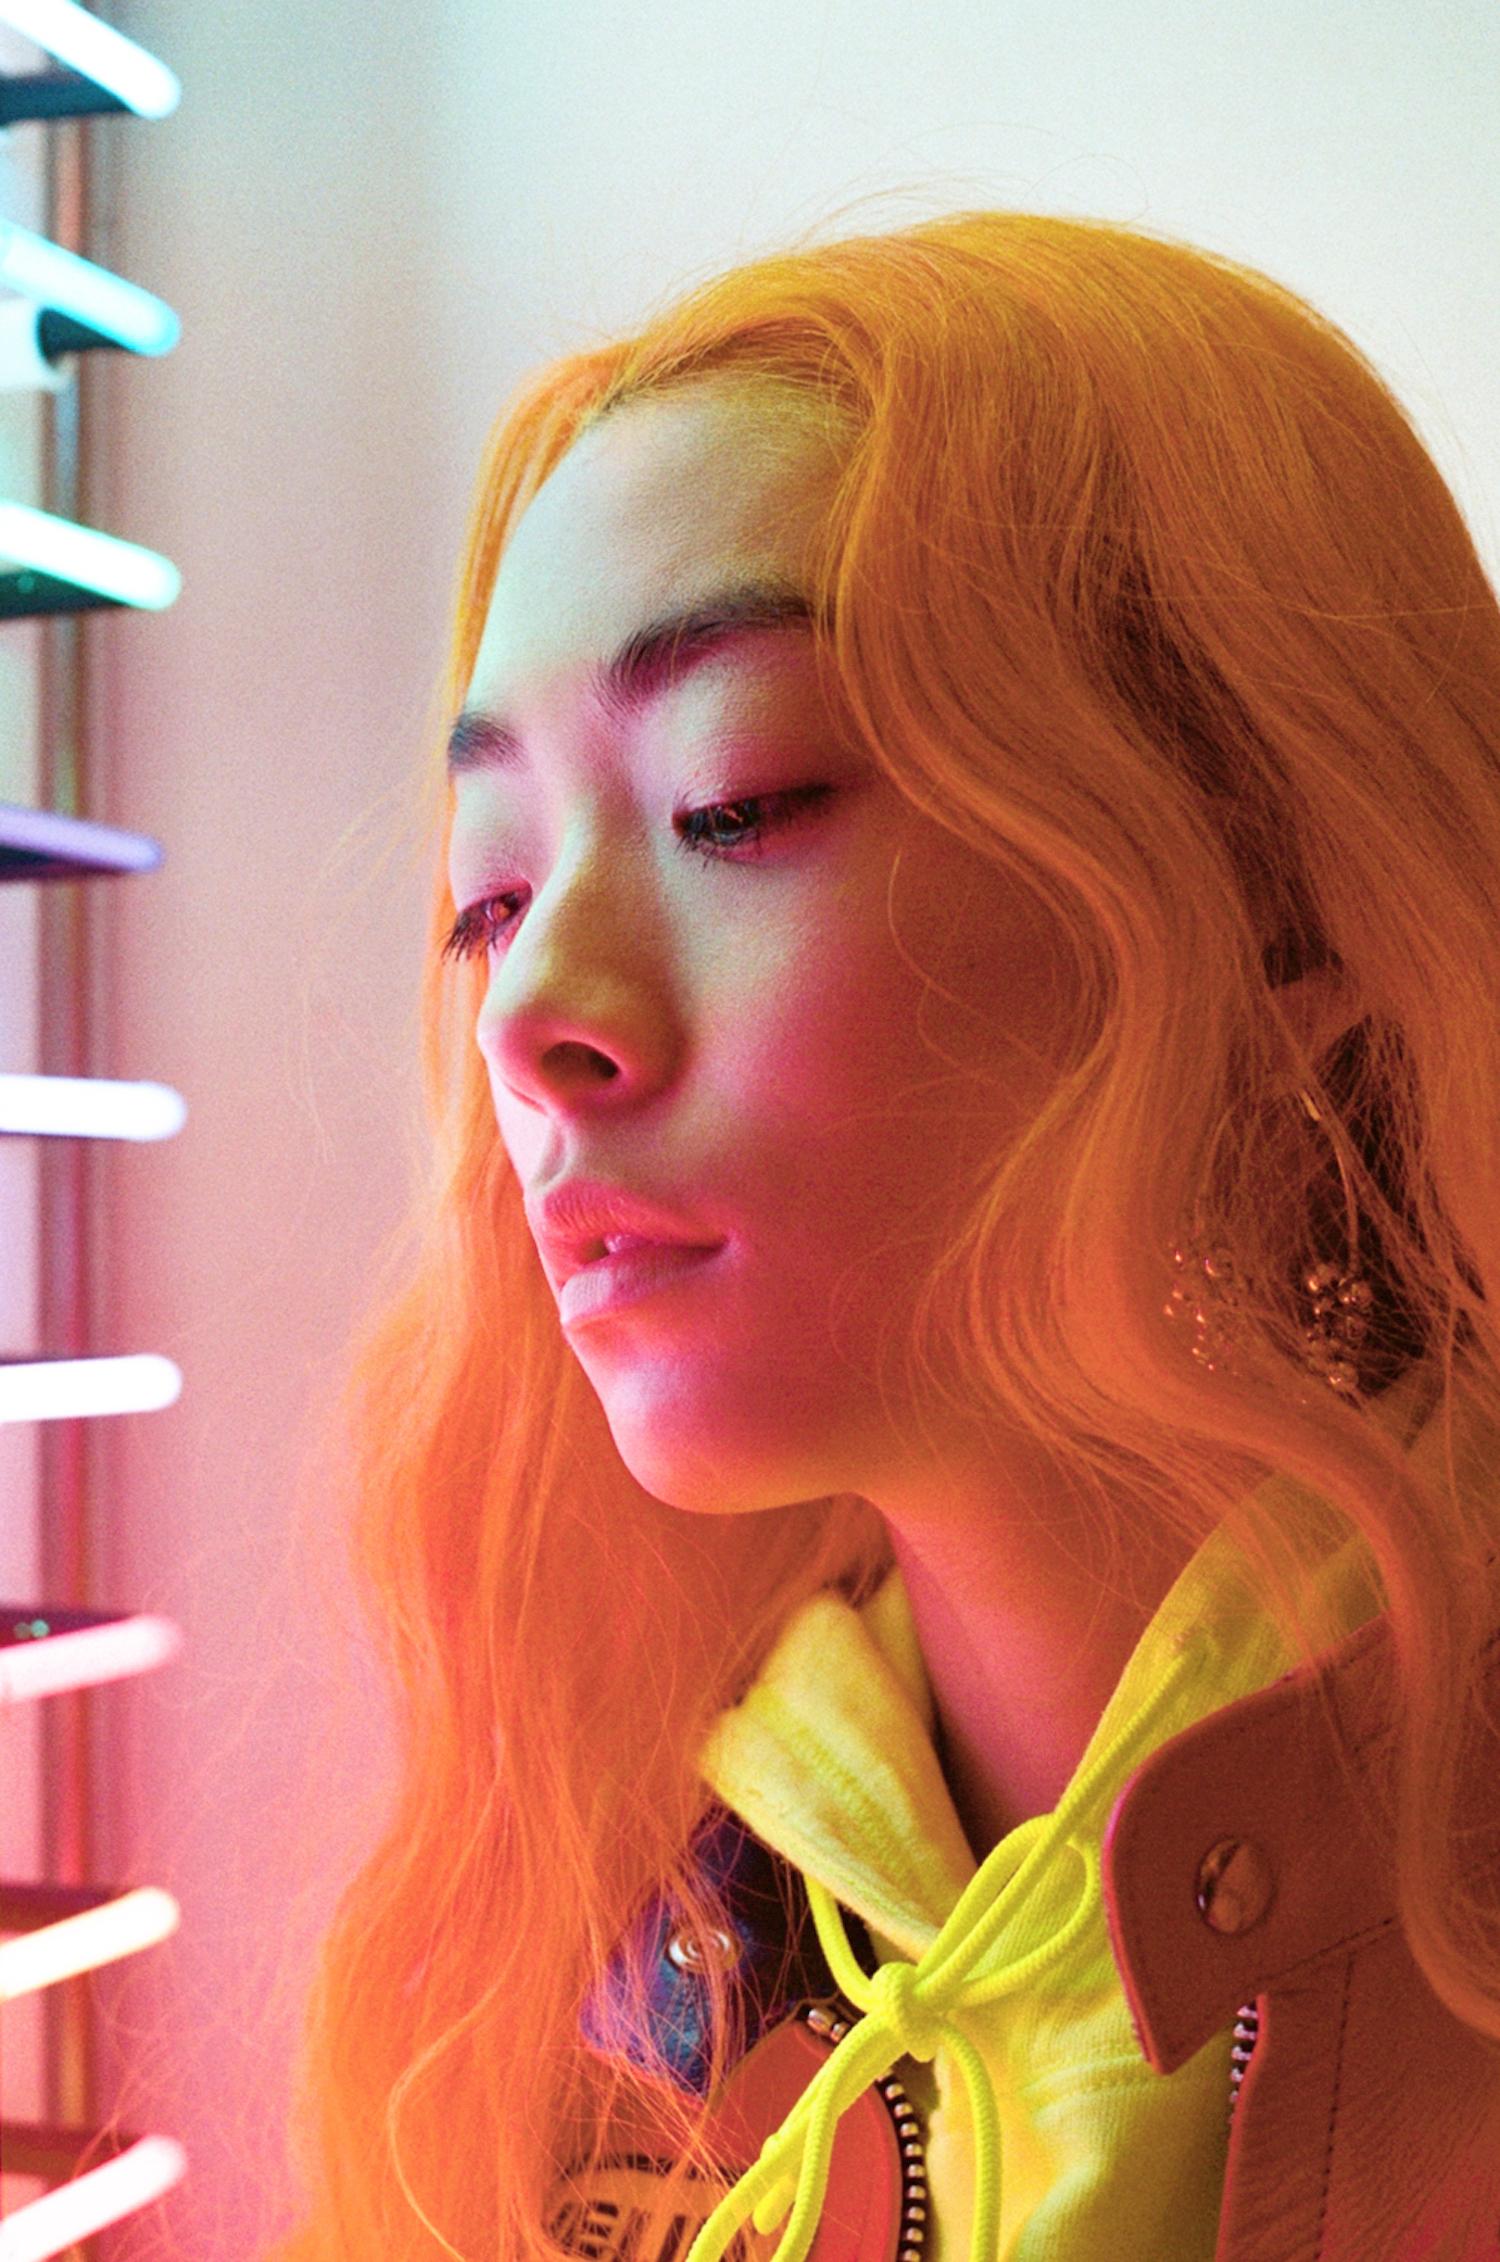 The Subversive Pop Power of Rina Sawayama - VICE